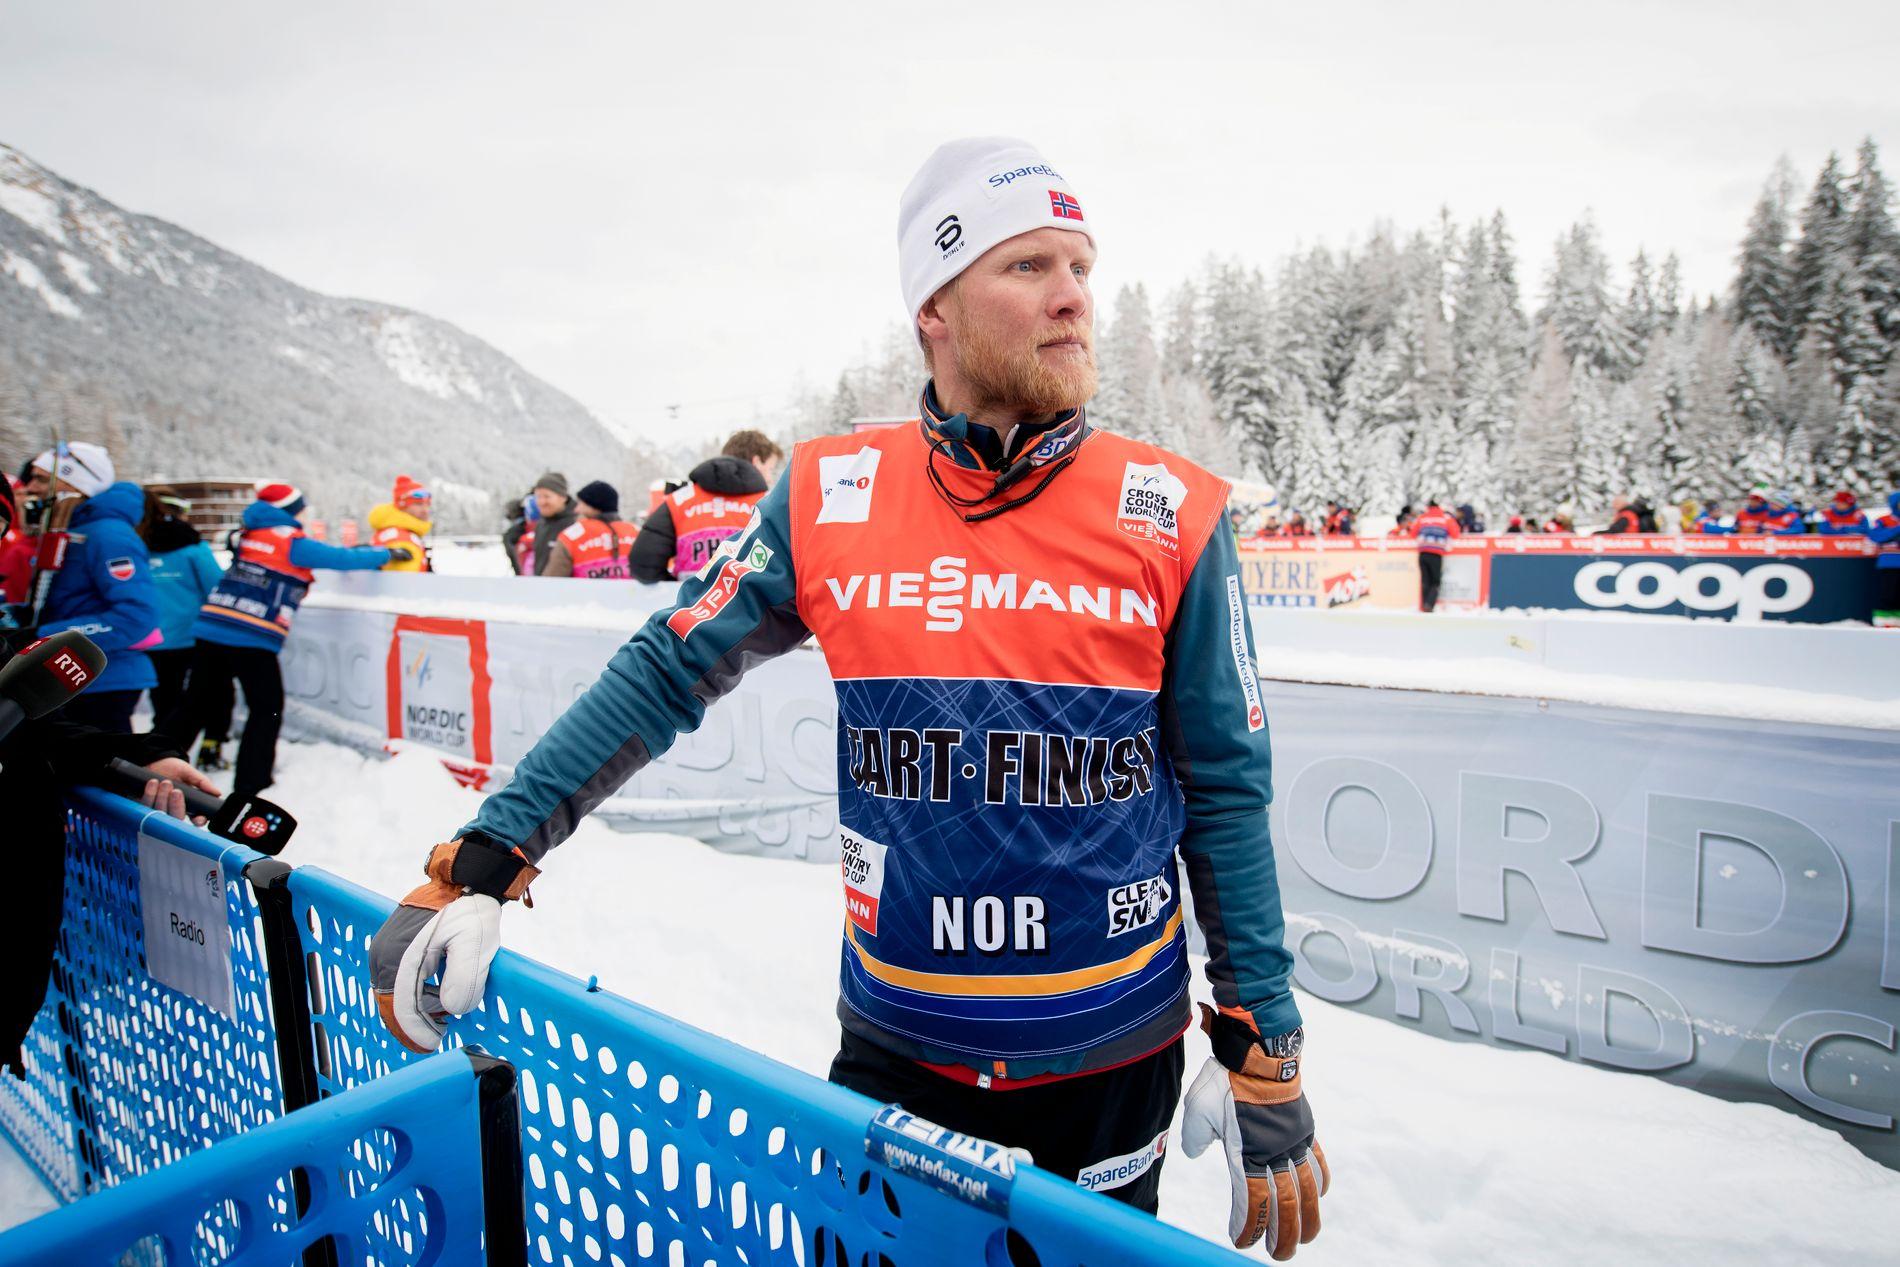 FERDIG: Landslagstrener Tor Arne Hetland slutter i Norges Skiforbund.